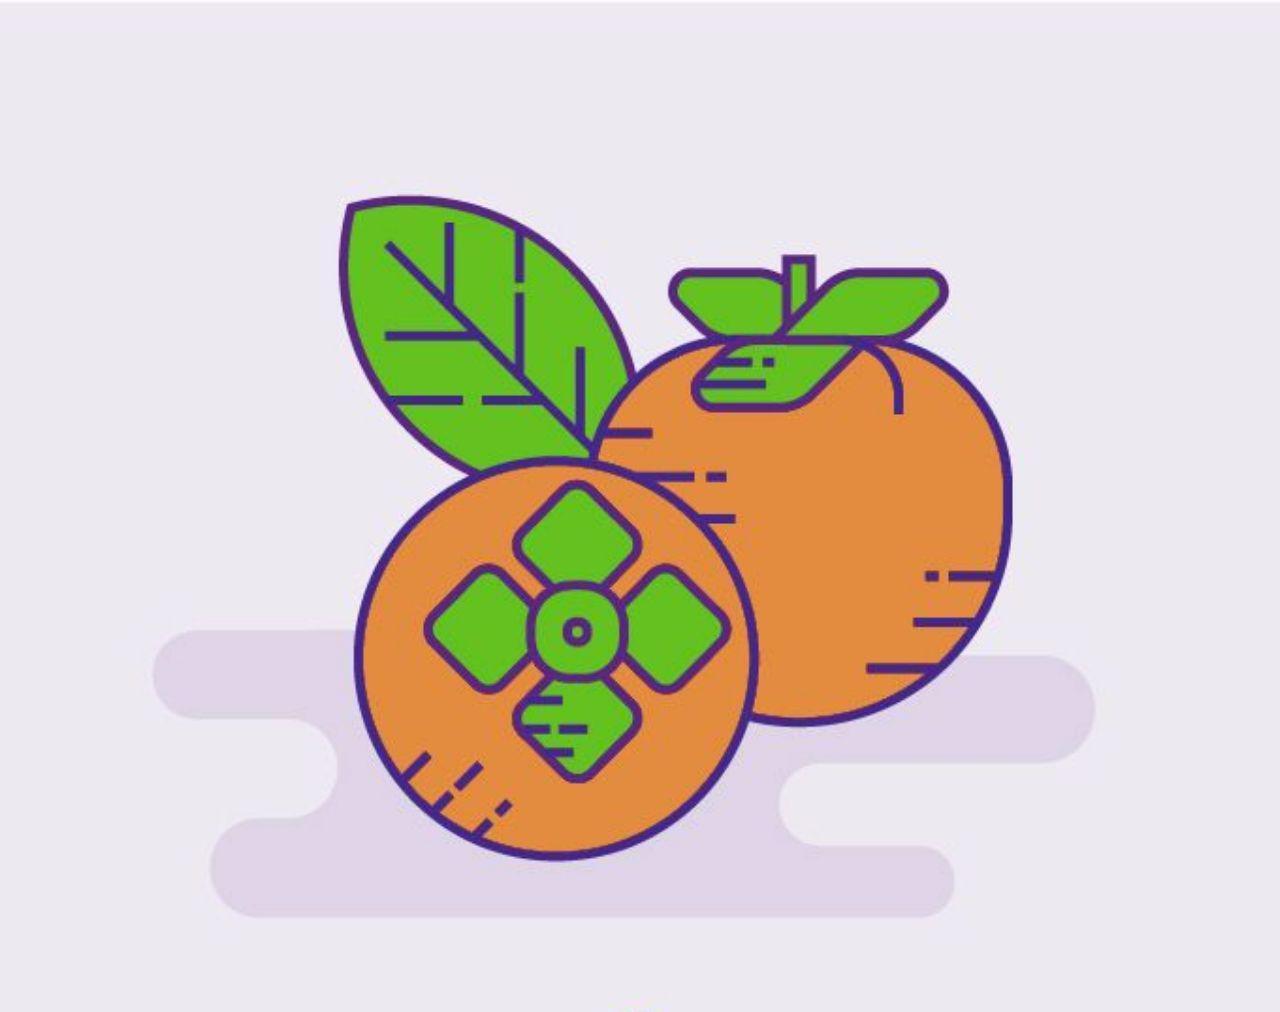 یکی از بهترین میوهها در ماههای سرد سال، خرمالو است